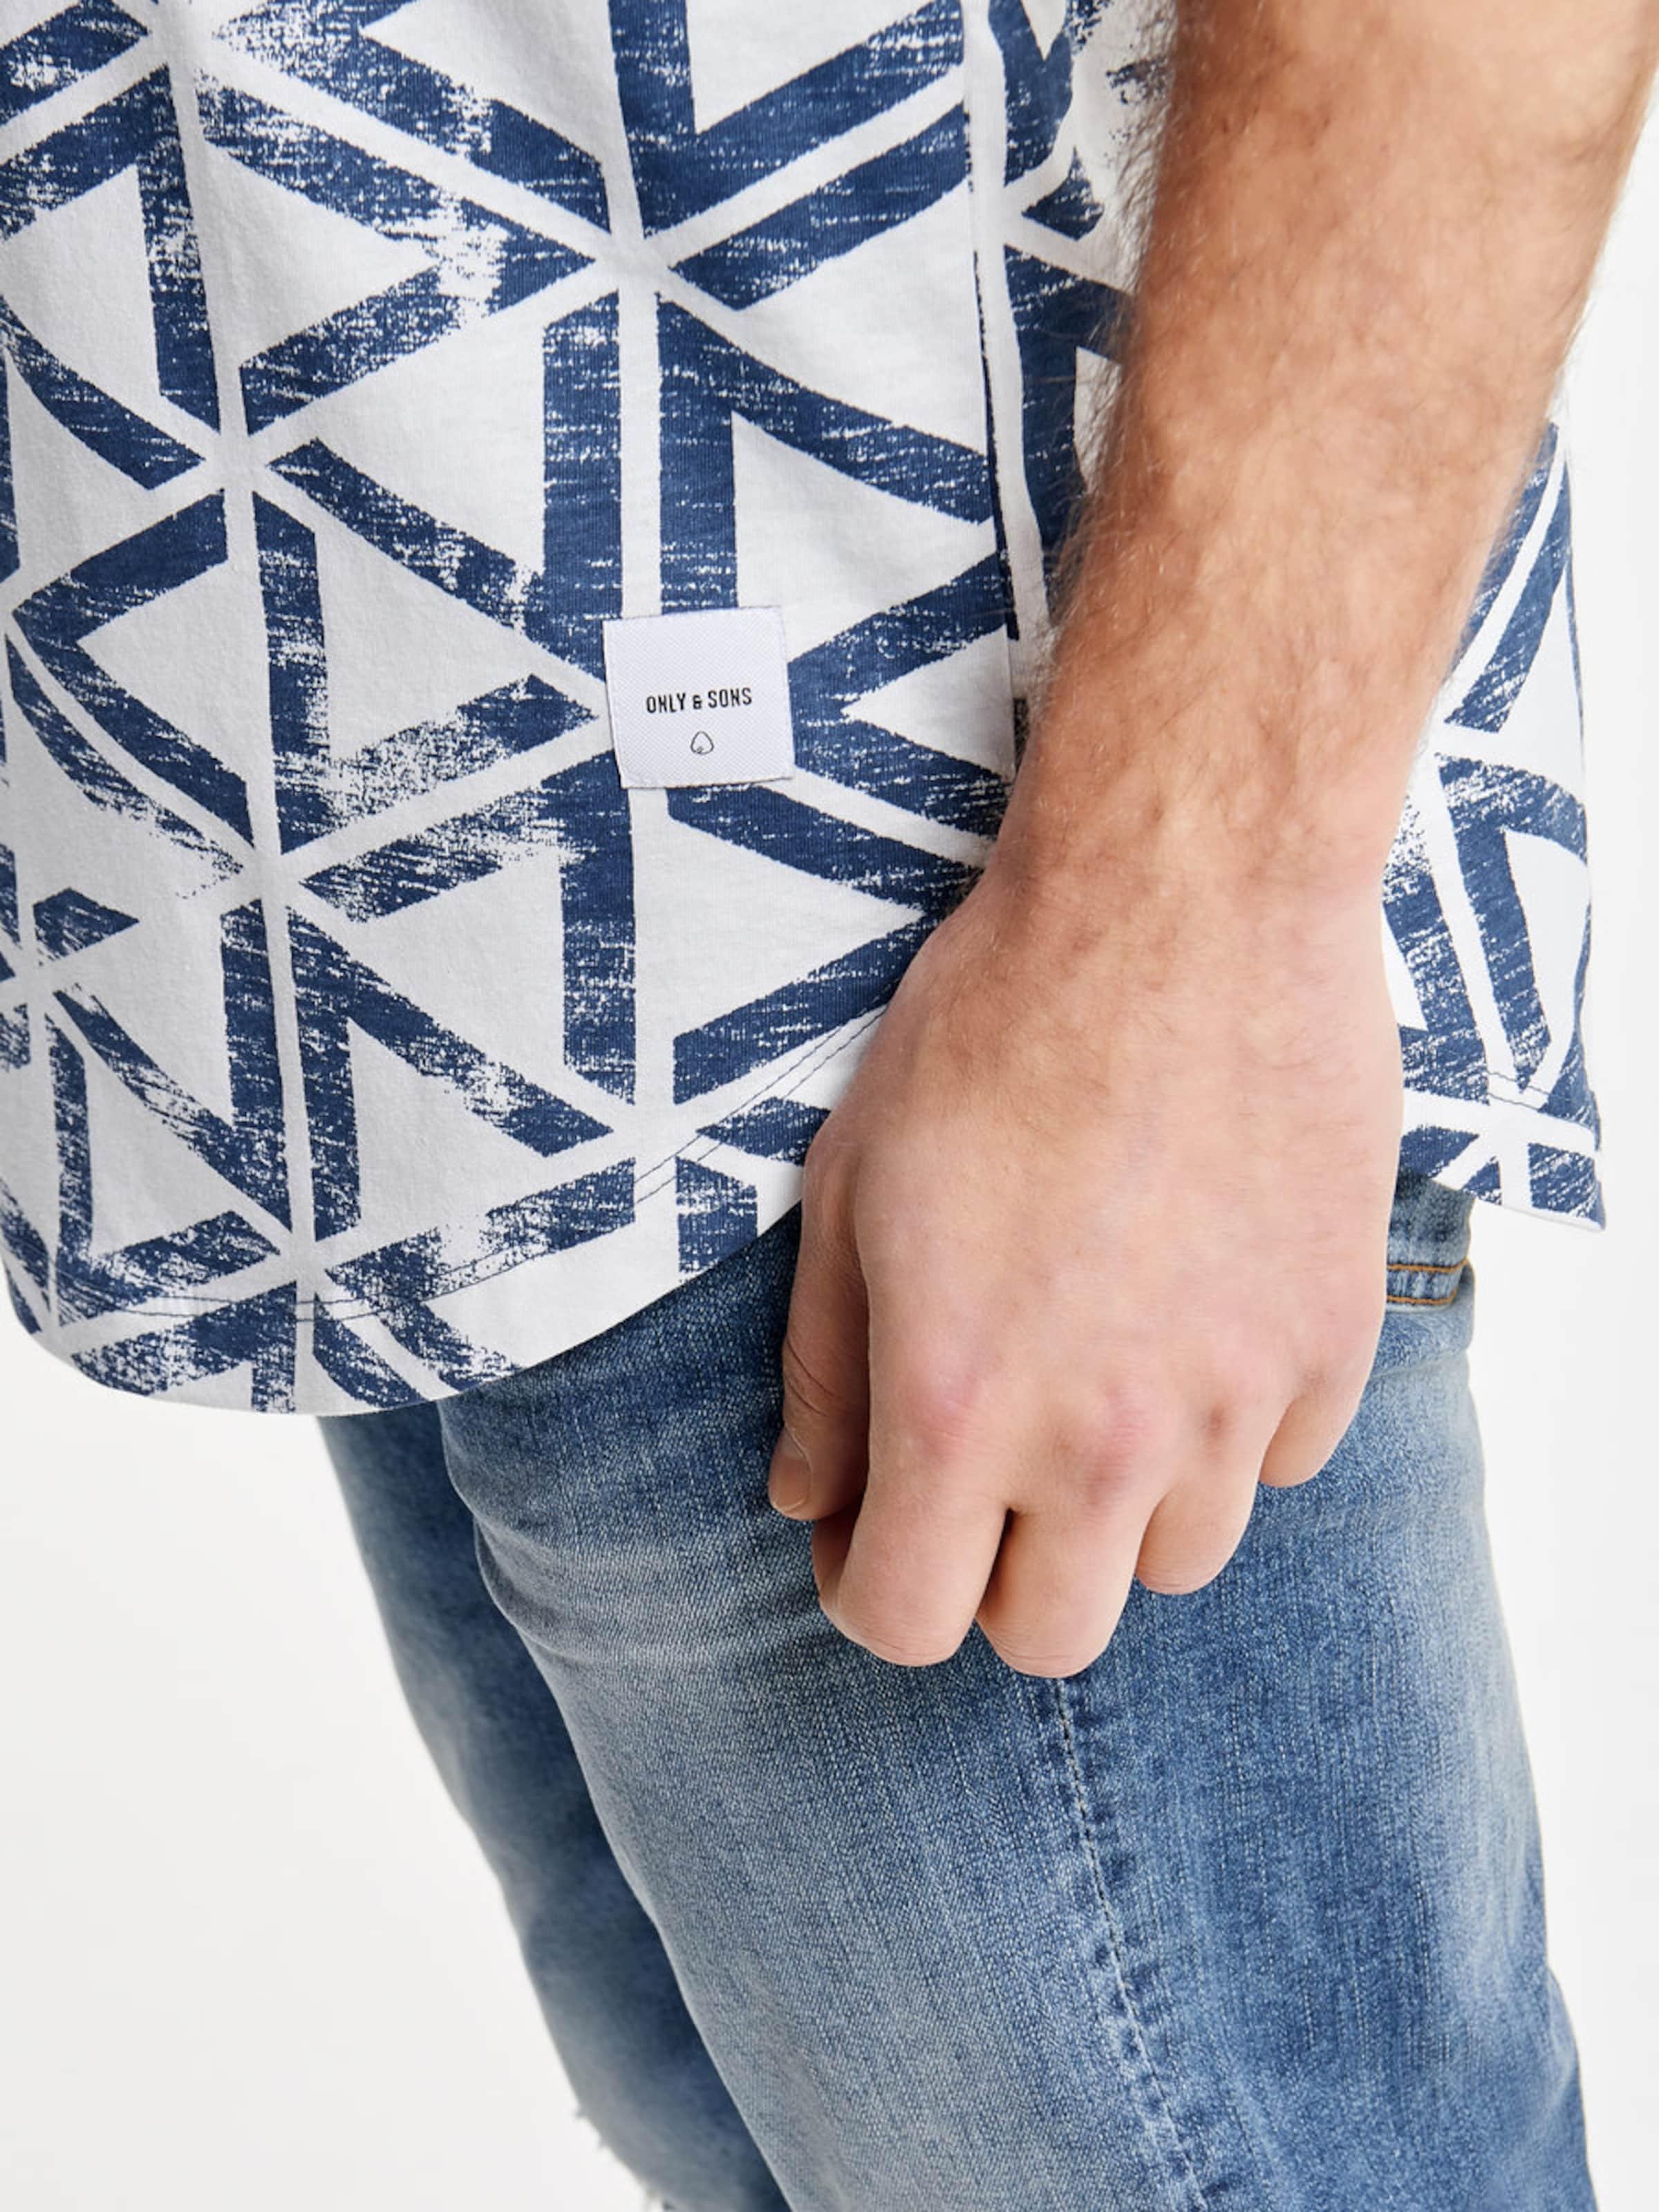 Only & Sons Print T-Shirt Freies Verschiffen Manchester Unisex YhoIuC